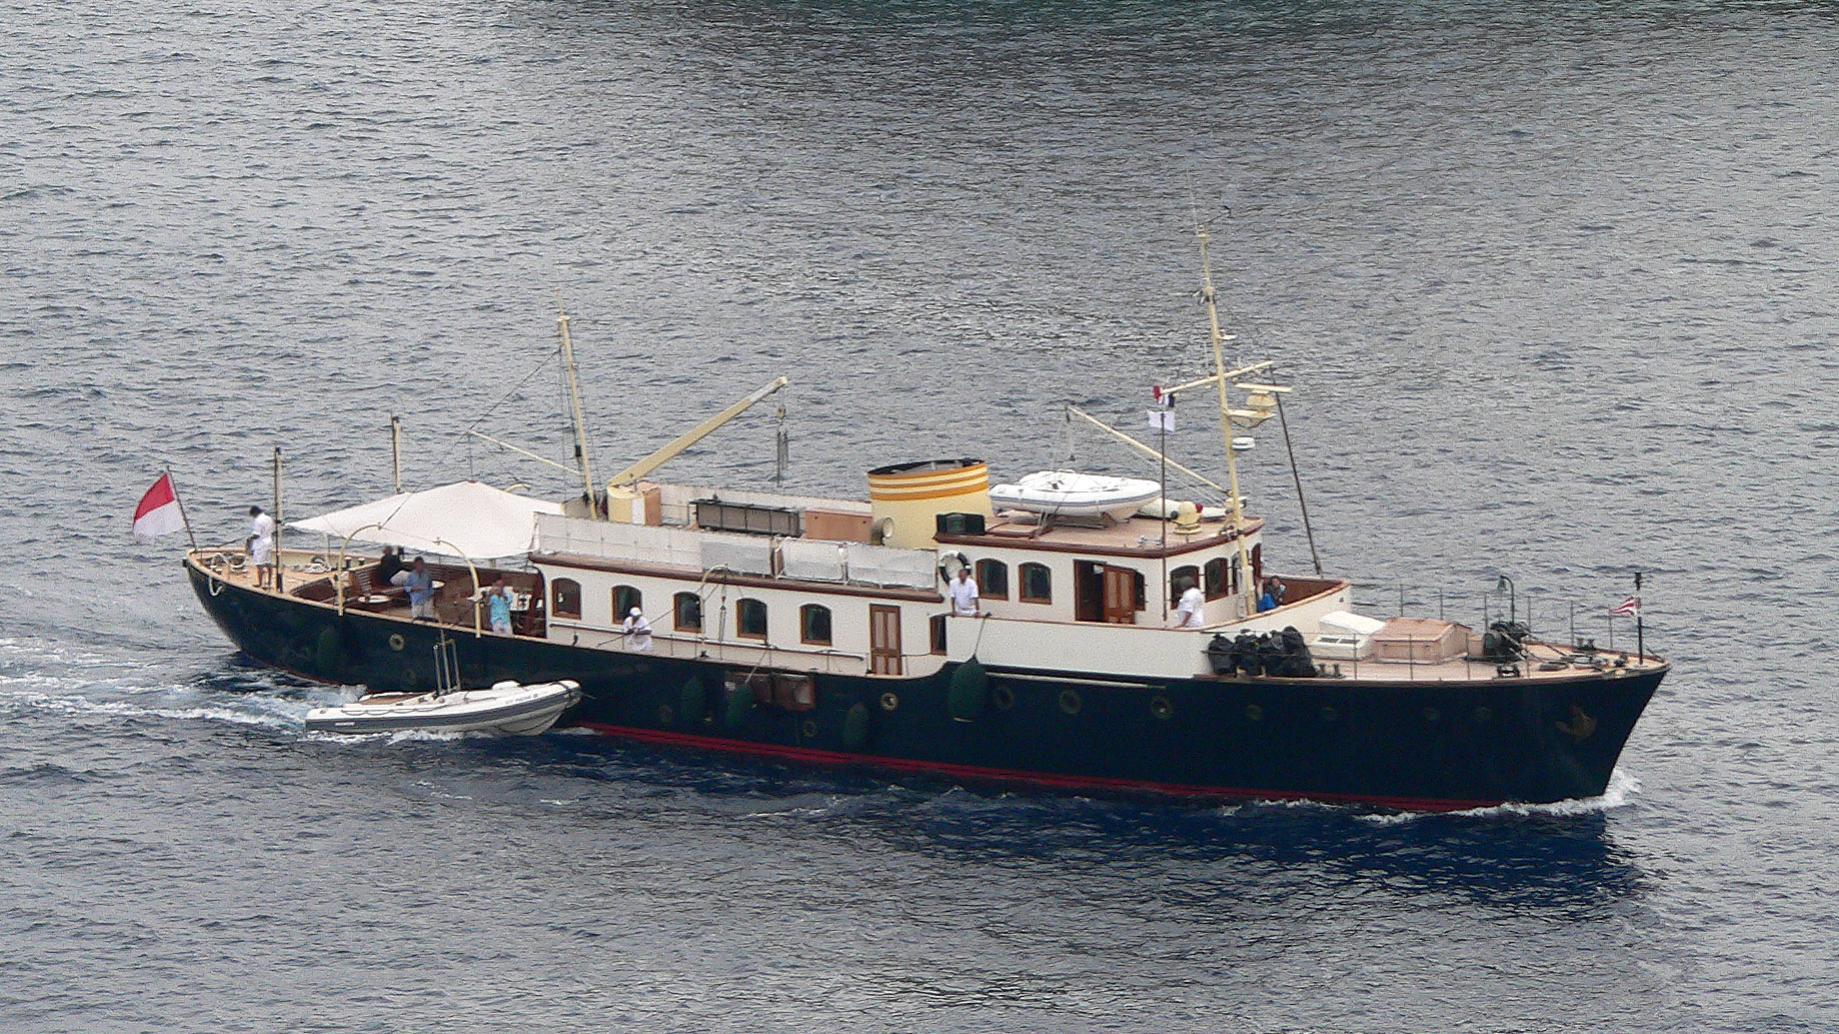 pacha-iii-yacht-exterior